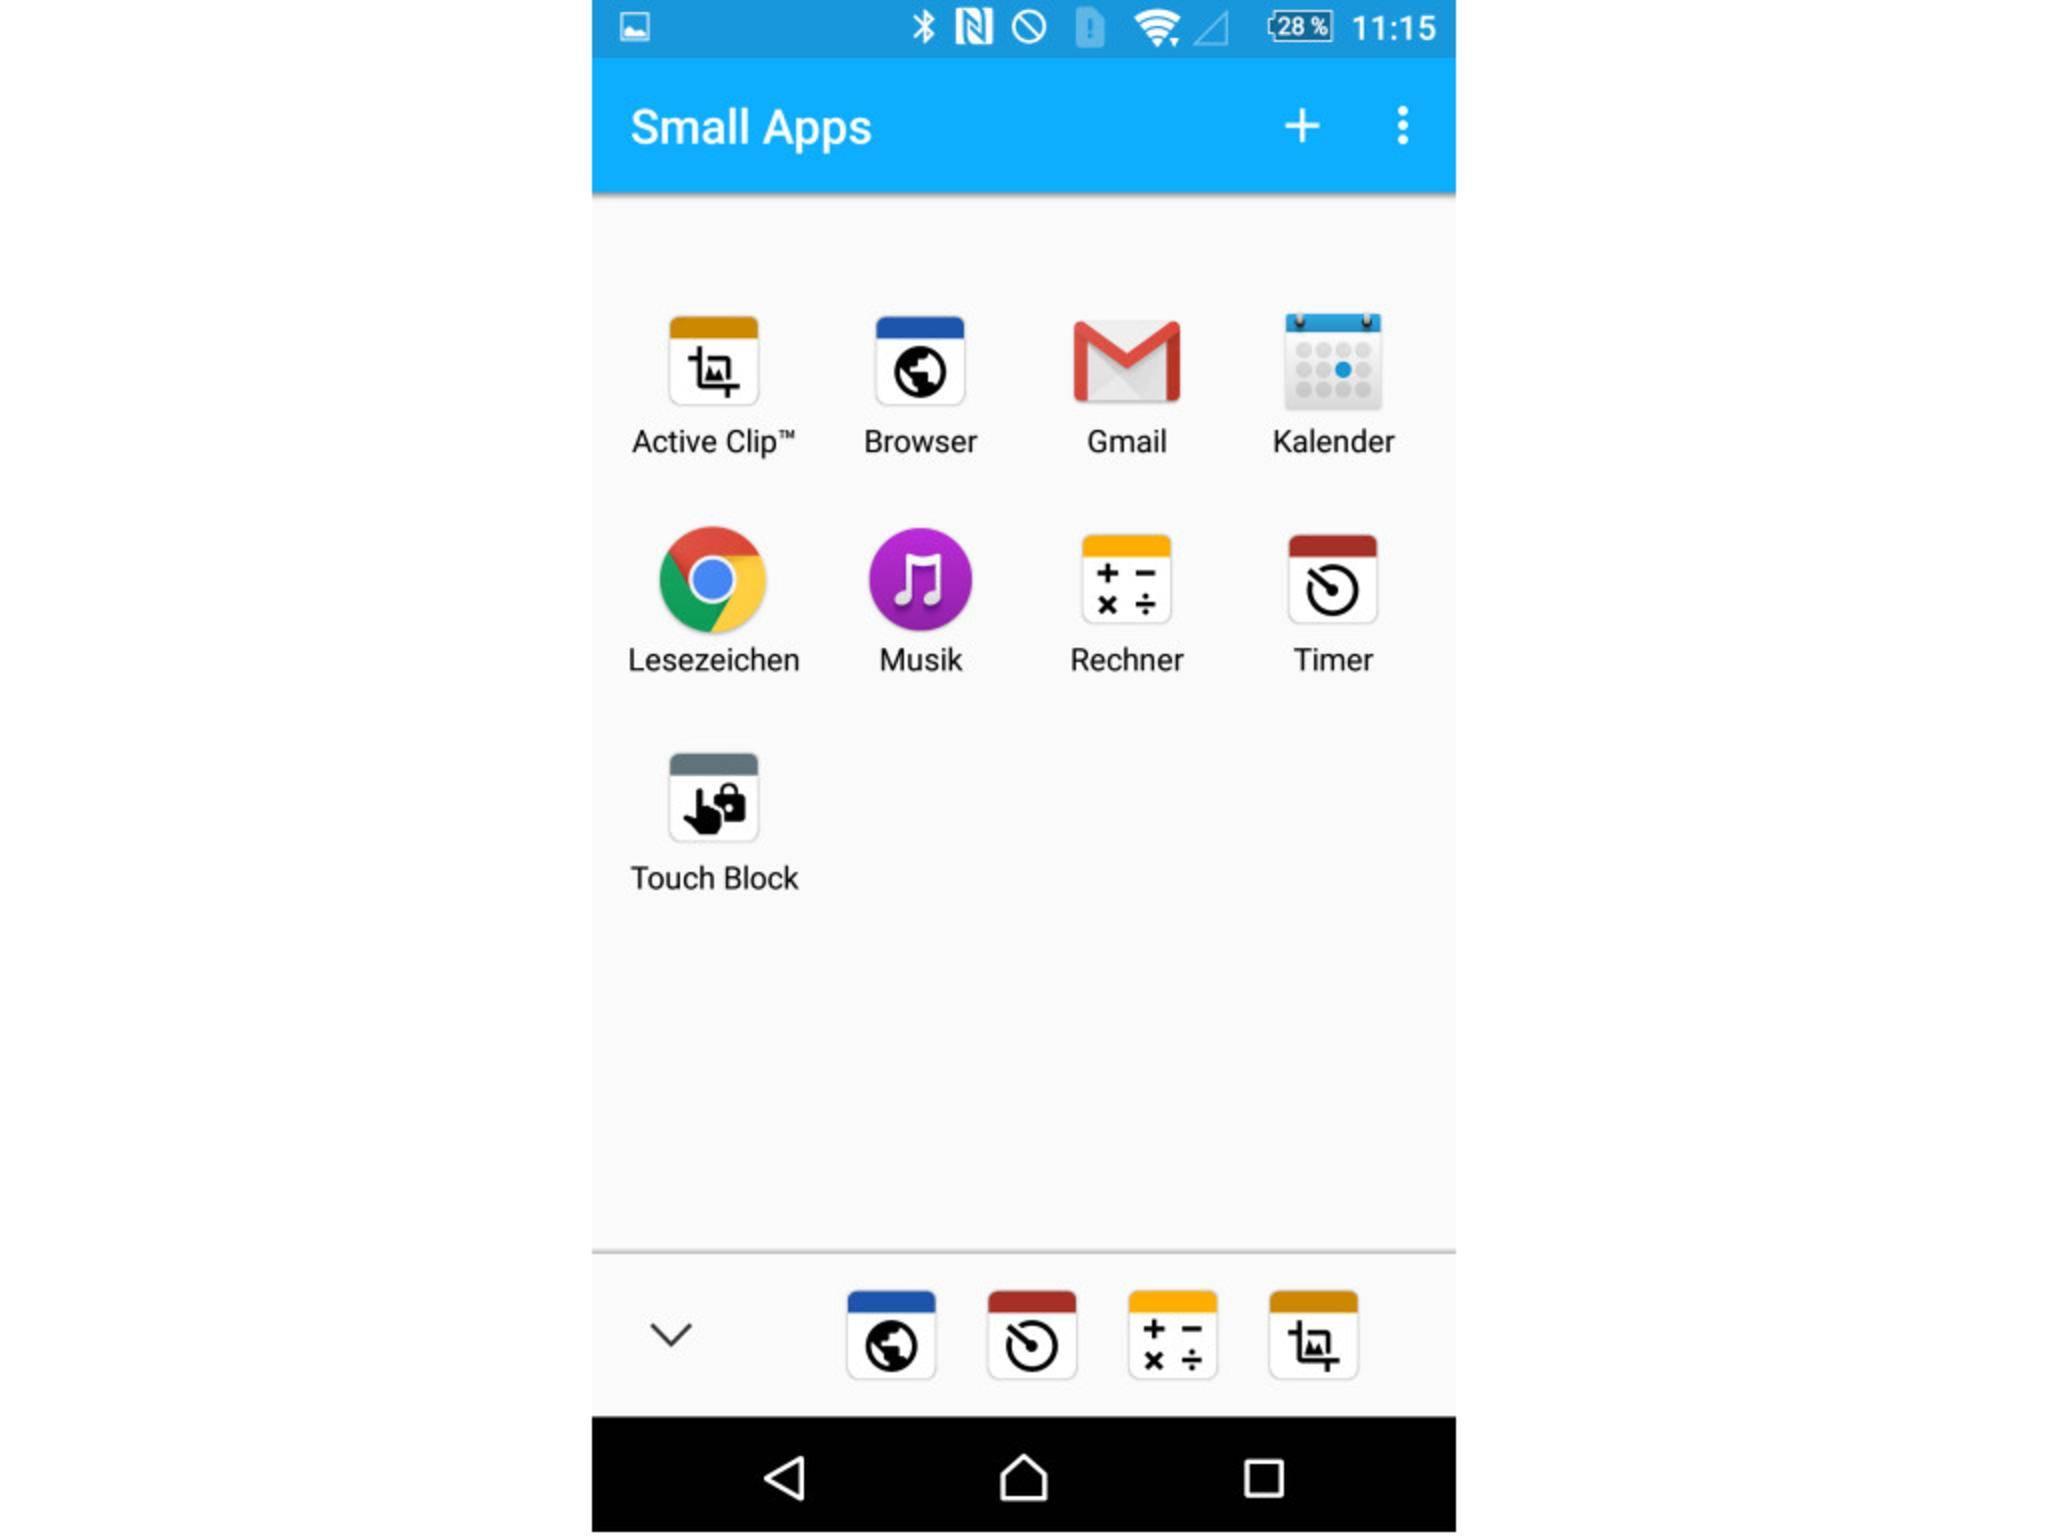 Der Pfeil links öffnet eine Ansicht mit allen Small Apps.